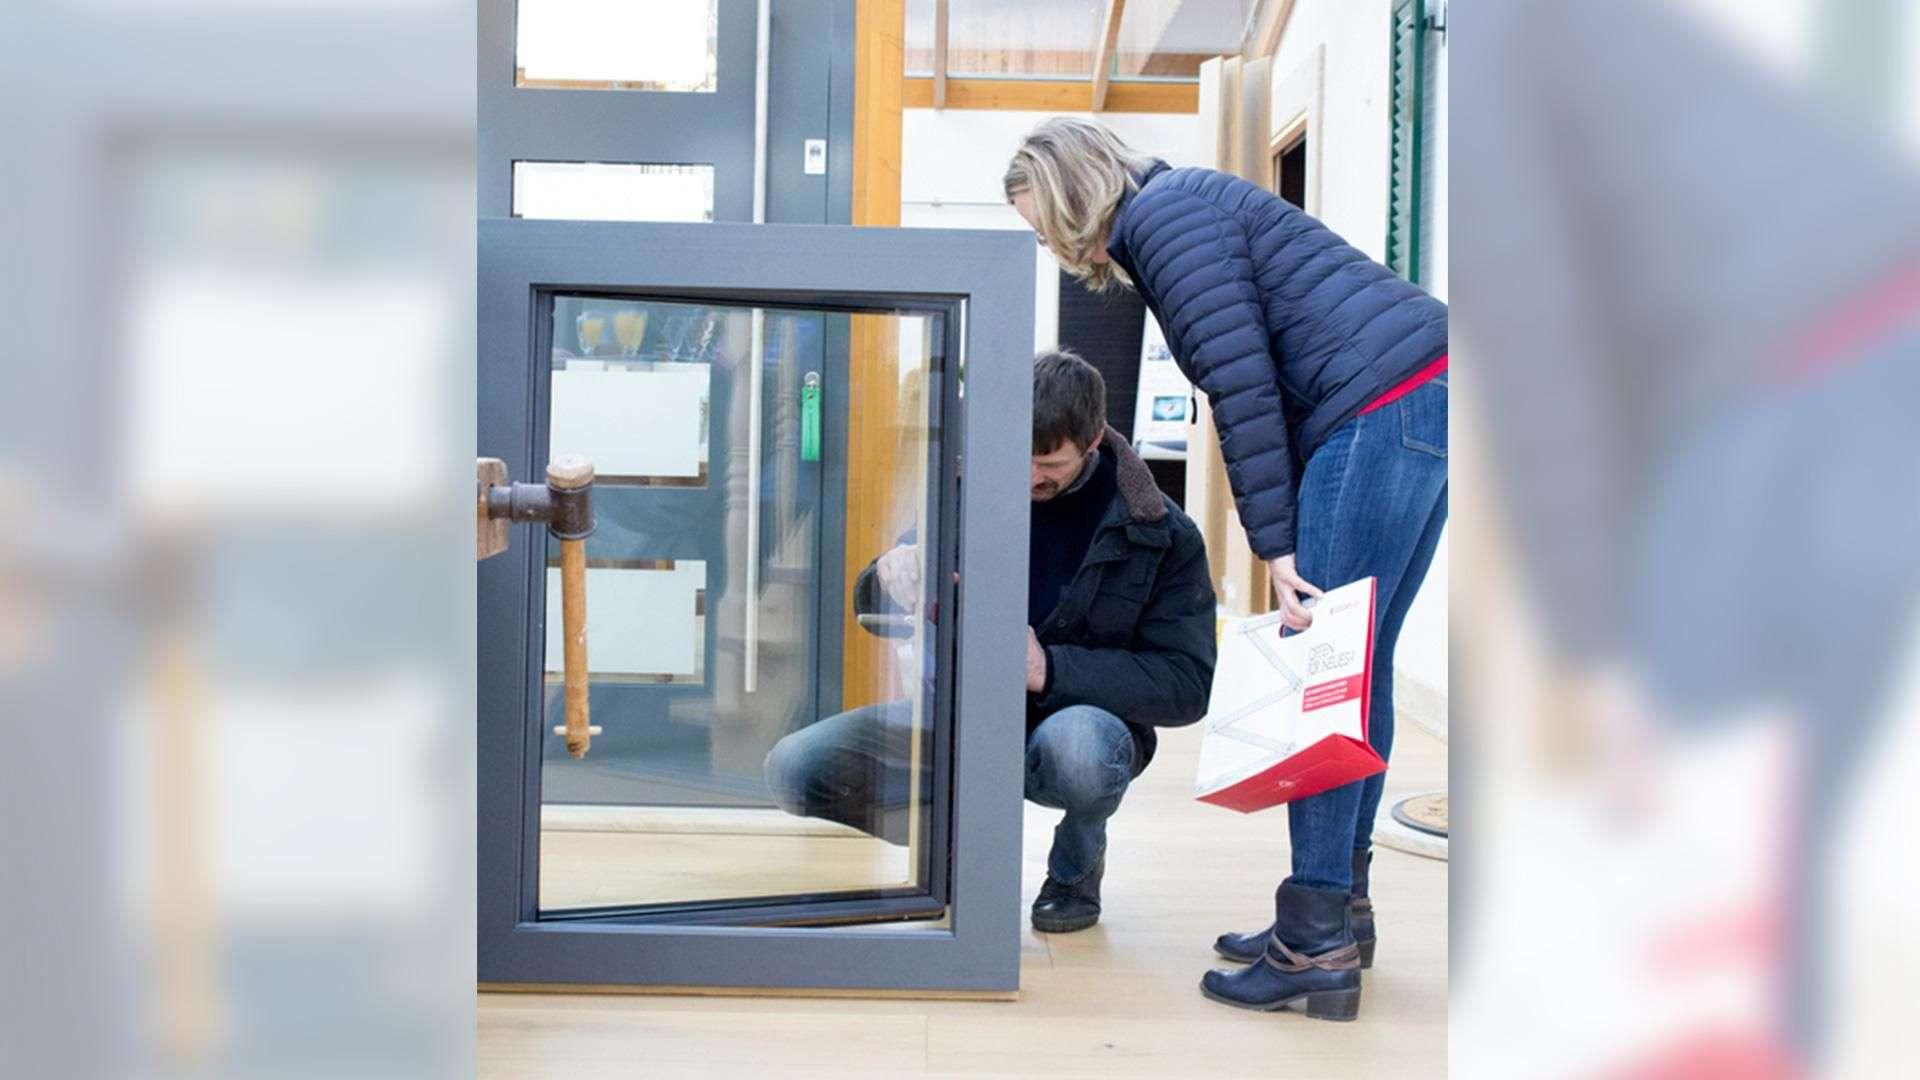 zwei Personen betrachten Fenster in der Ausstellung der Tischlerei Gleue in Lindwedel